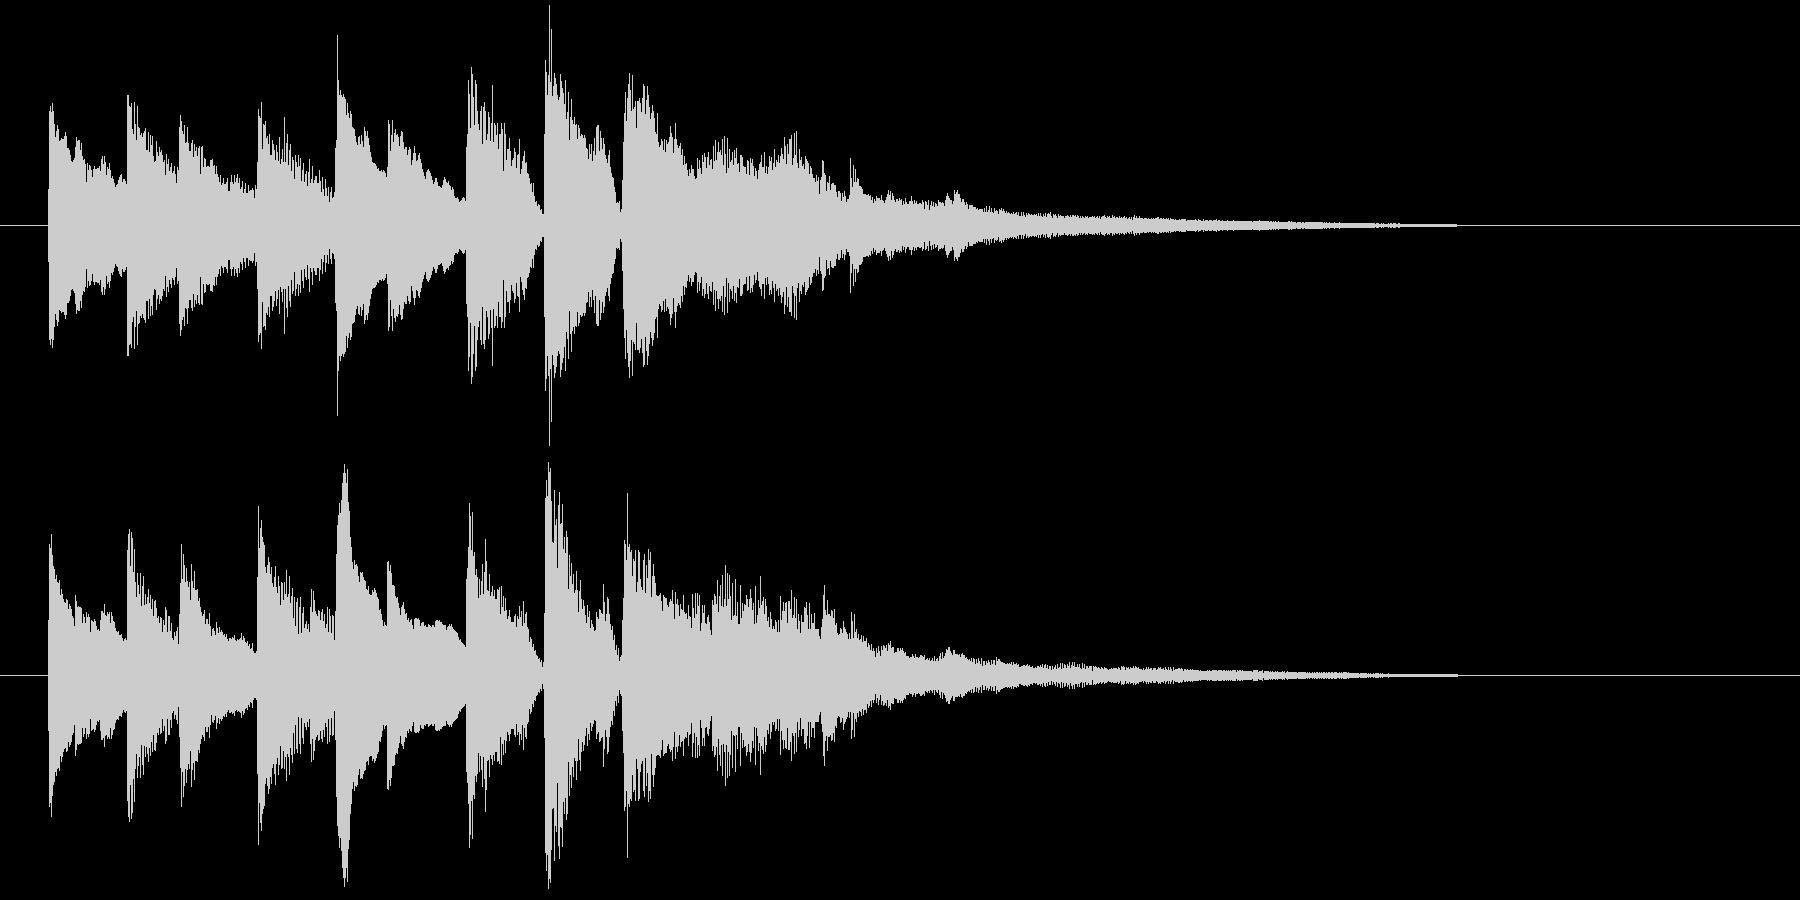 ピアノソロジングルの未再生の波形